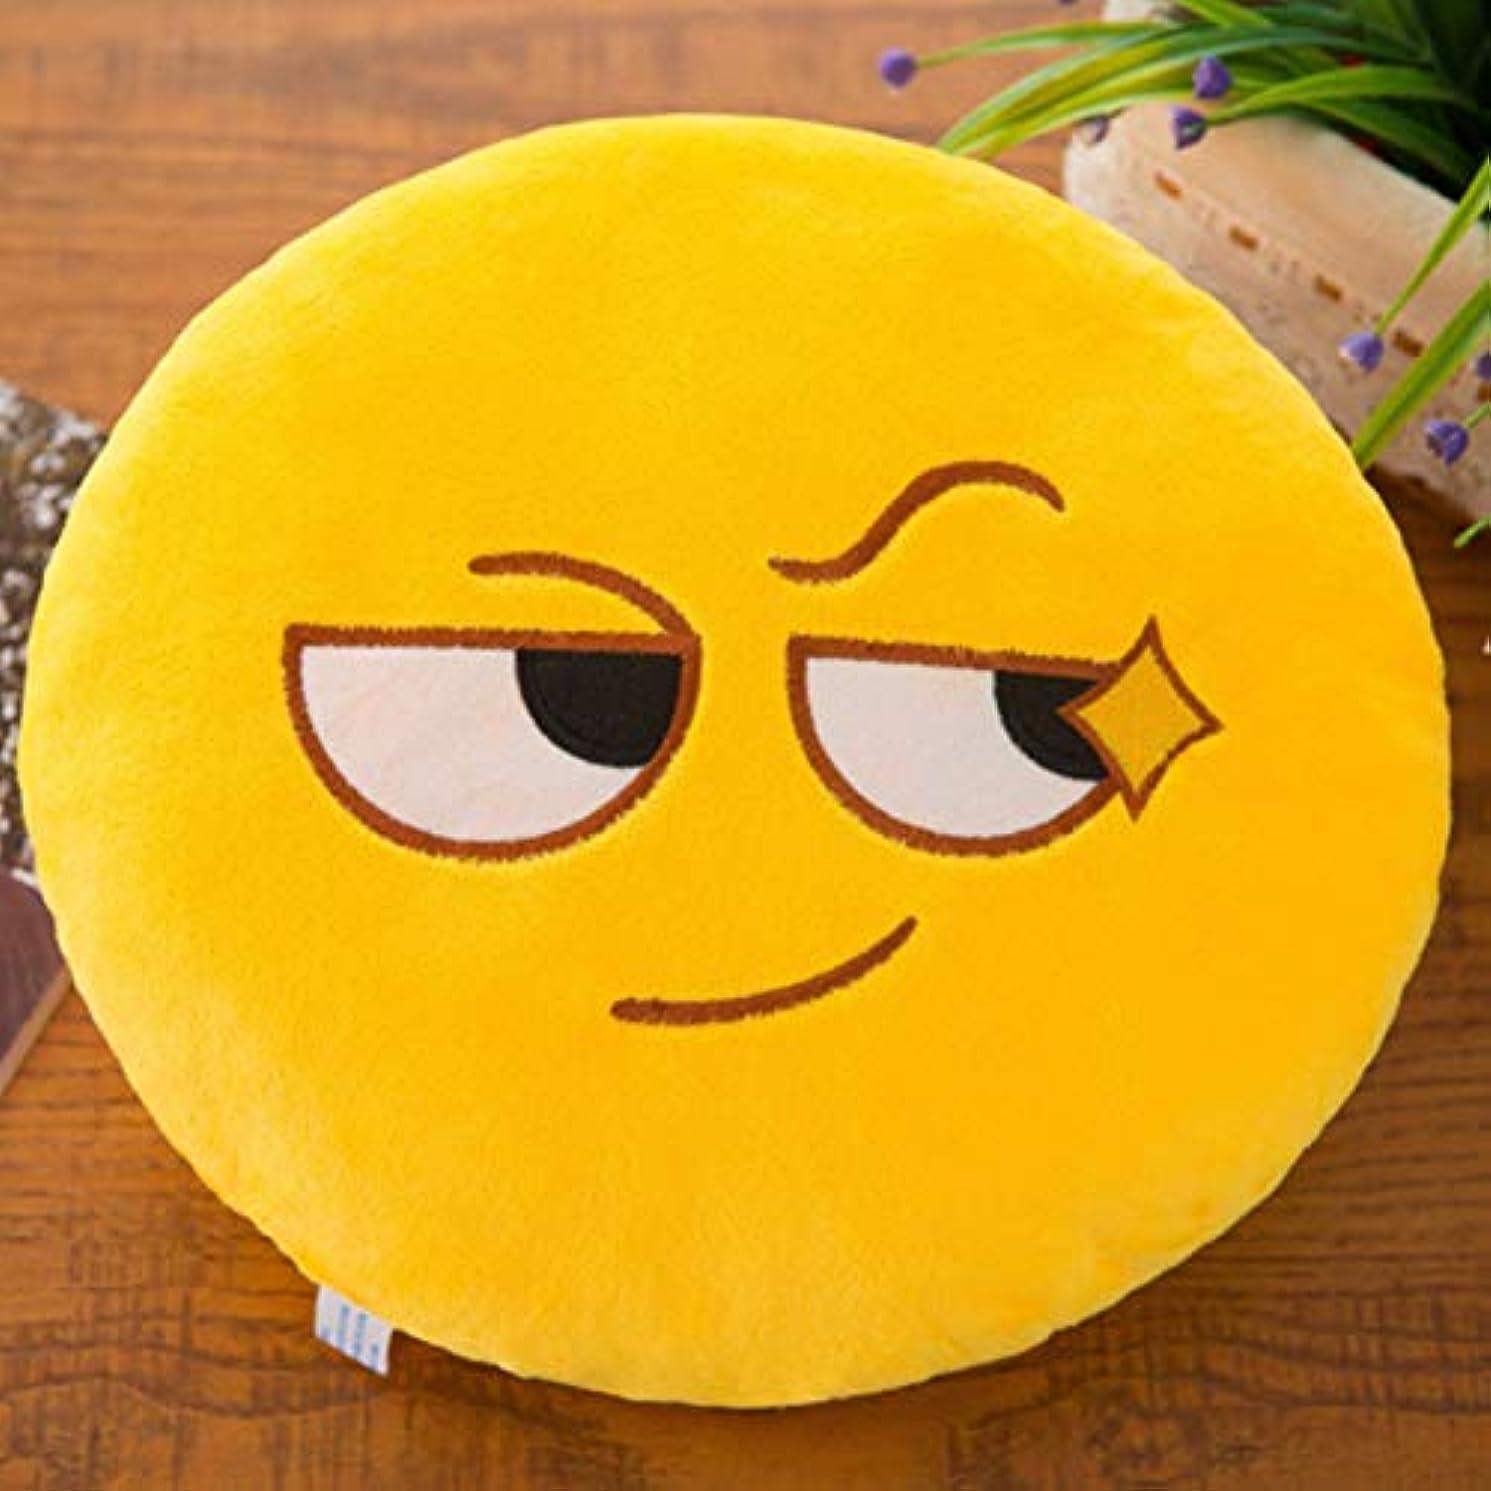 ヒギンズ愛撫測定LIFE 40 センチメートルスマイル絵文字枕ソフトぬいぐるみ絵文字ラウンドクッション家の装飾かわいい漫画のおもちゃの人形装飾枕ドロップ船 クッション 椅子